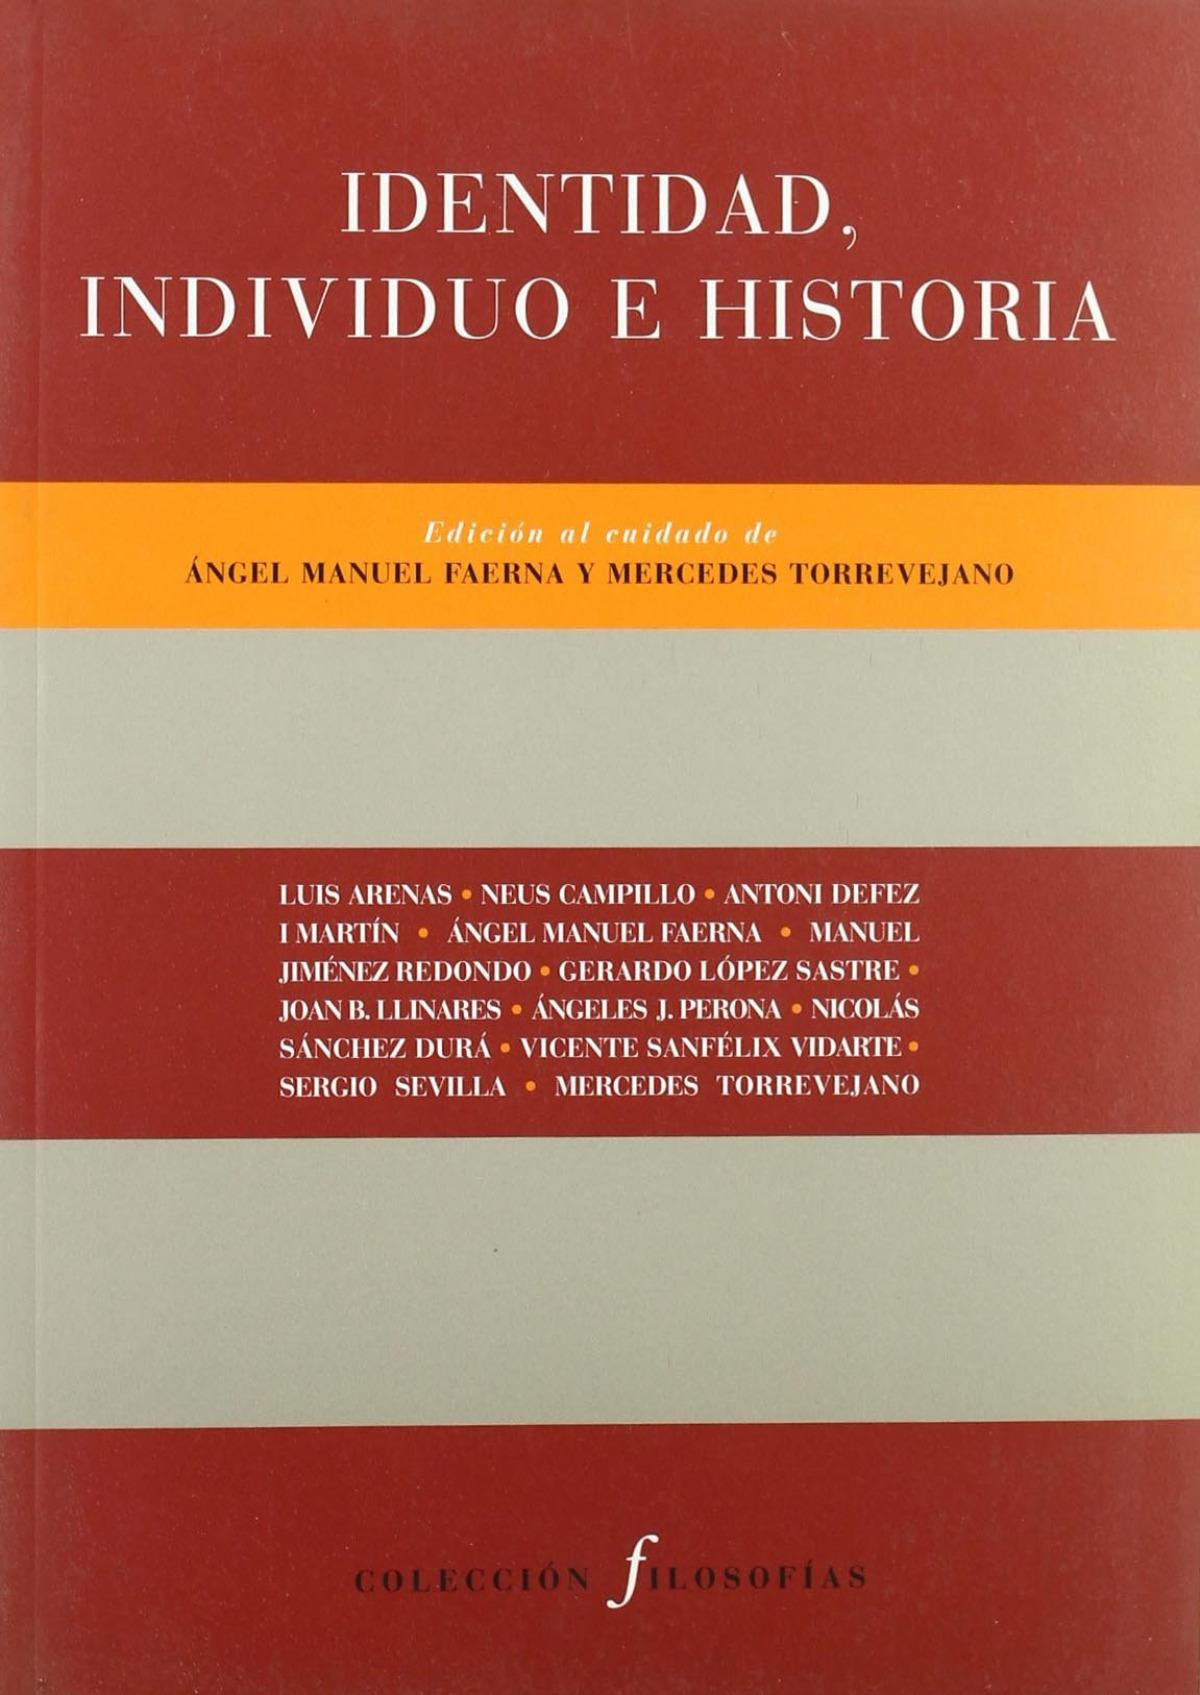 áIndividuo, identidad e historia